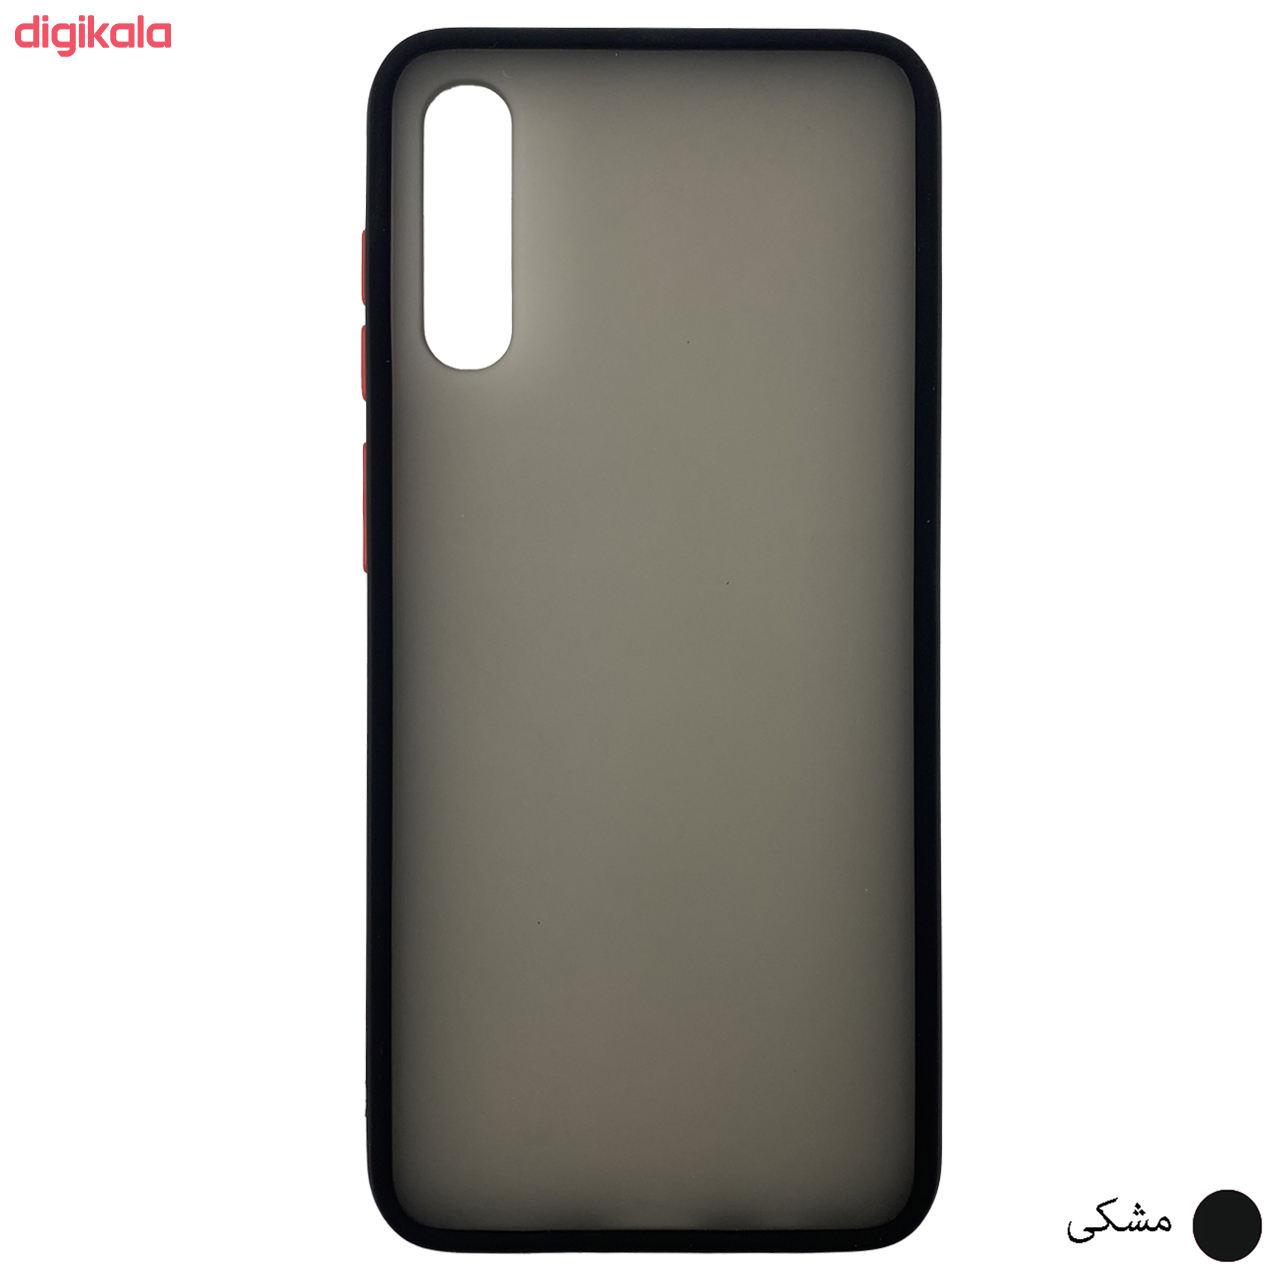 کاور مدل MTT مناسب برای گوشی موبایل سامسونگ Galaxy A50 / A50s / A30s main 1 6